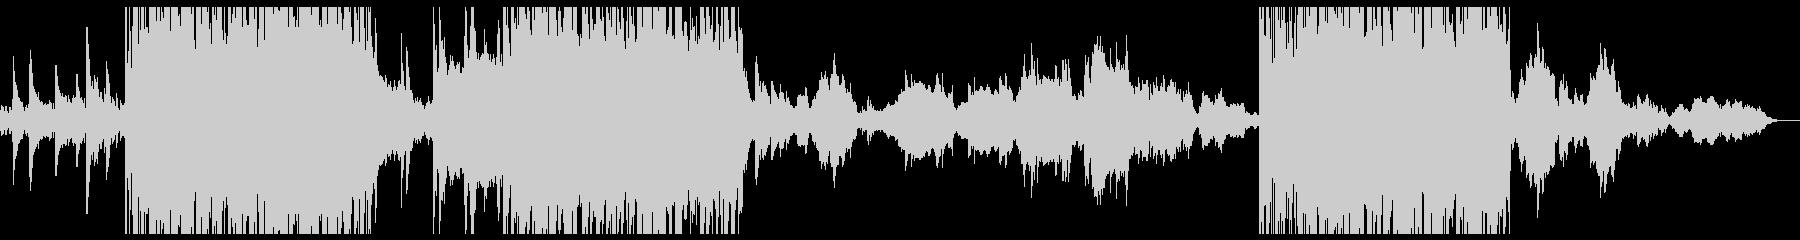 パンチのあるピアノ曲の未再生の波形